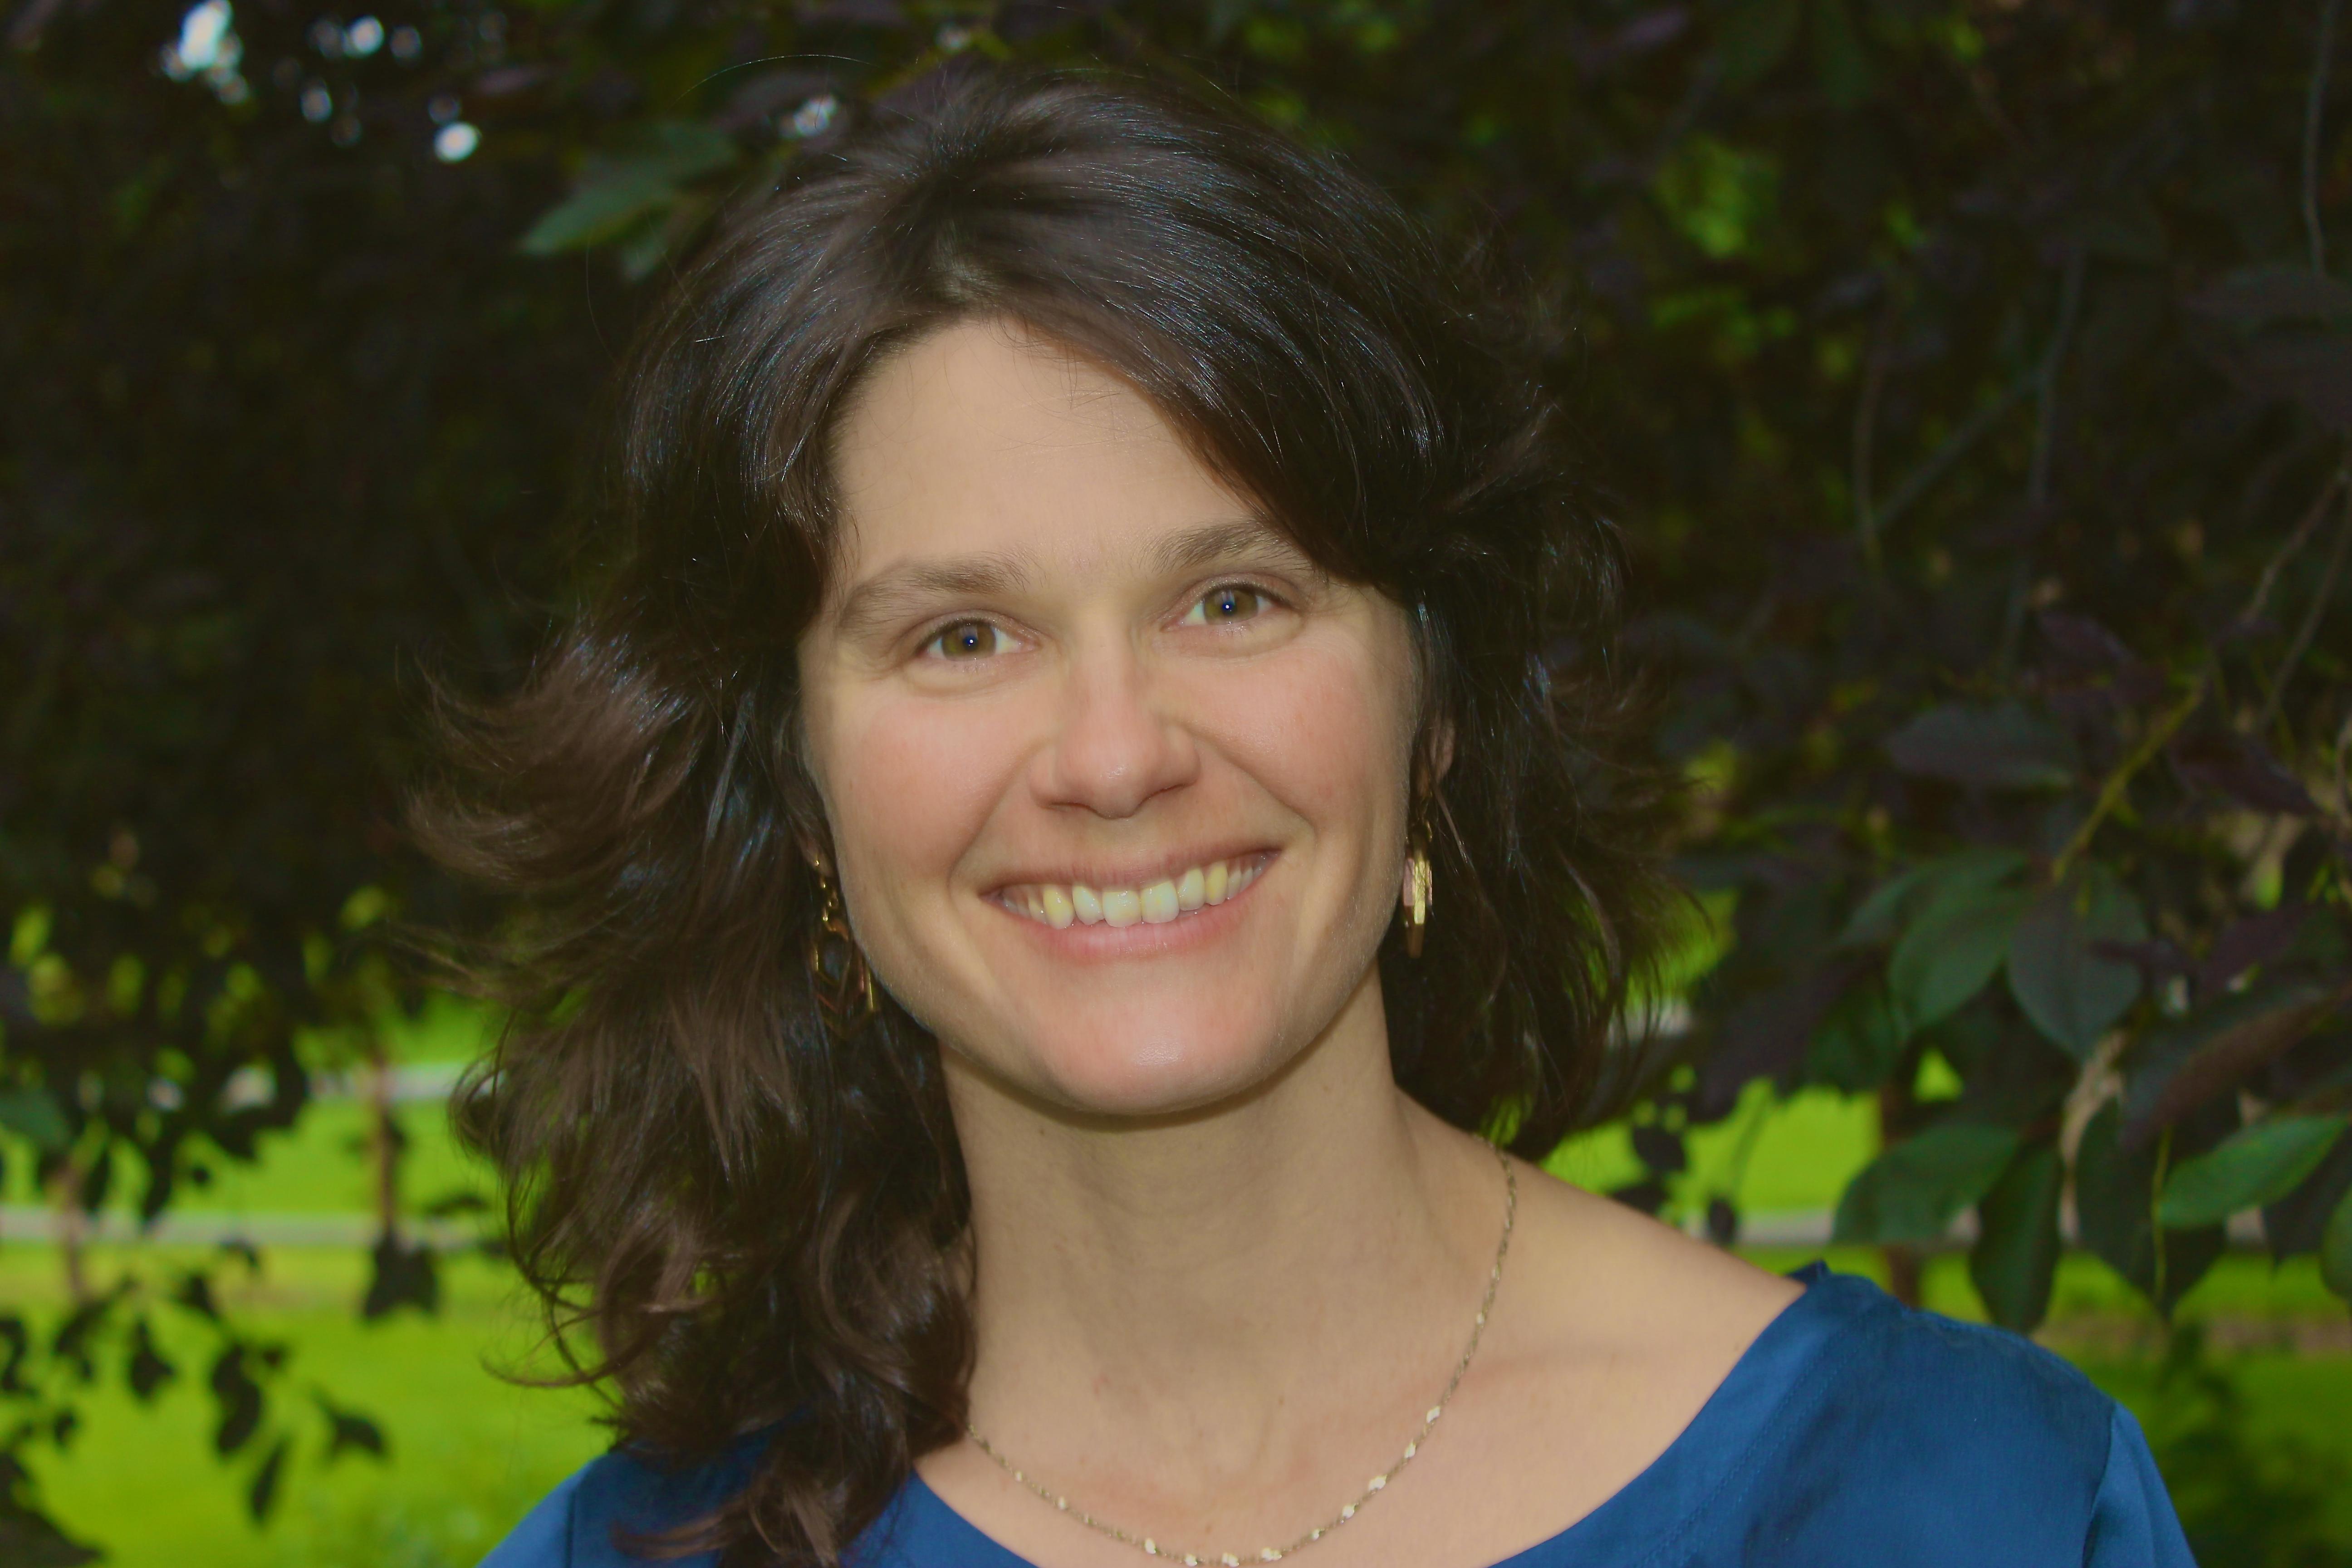 Amanda Cantal